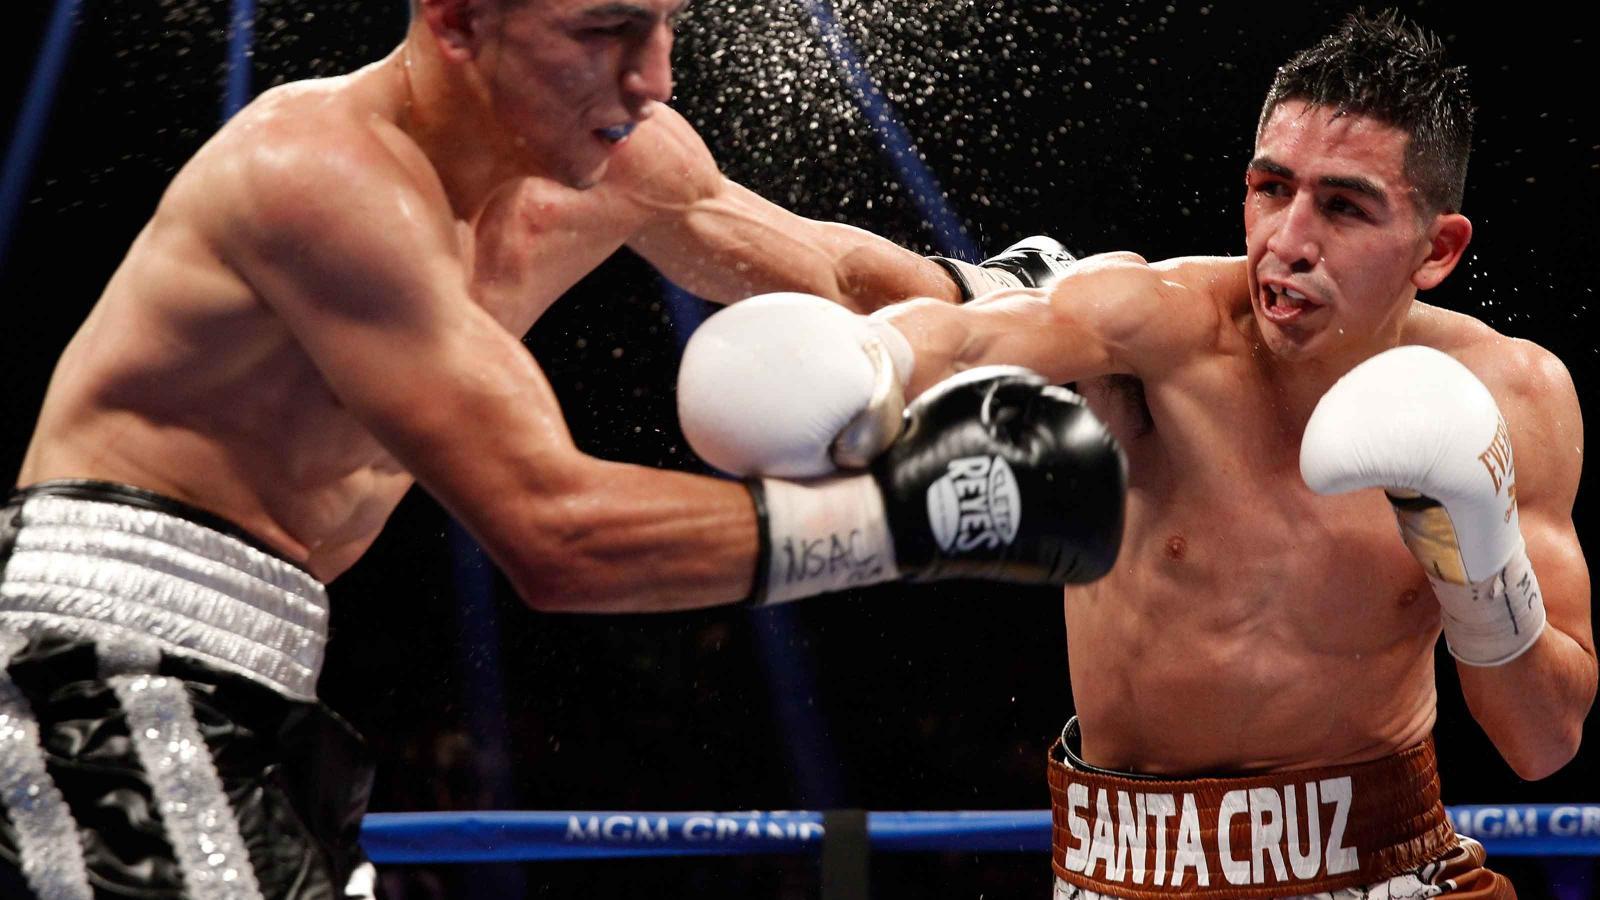 Чемпионом мира по боксу Лео Санта Крус подписал контракт c Everlast